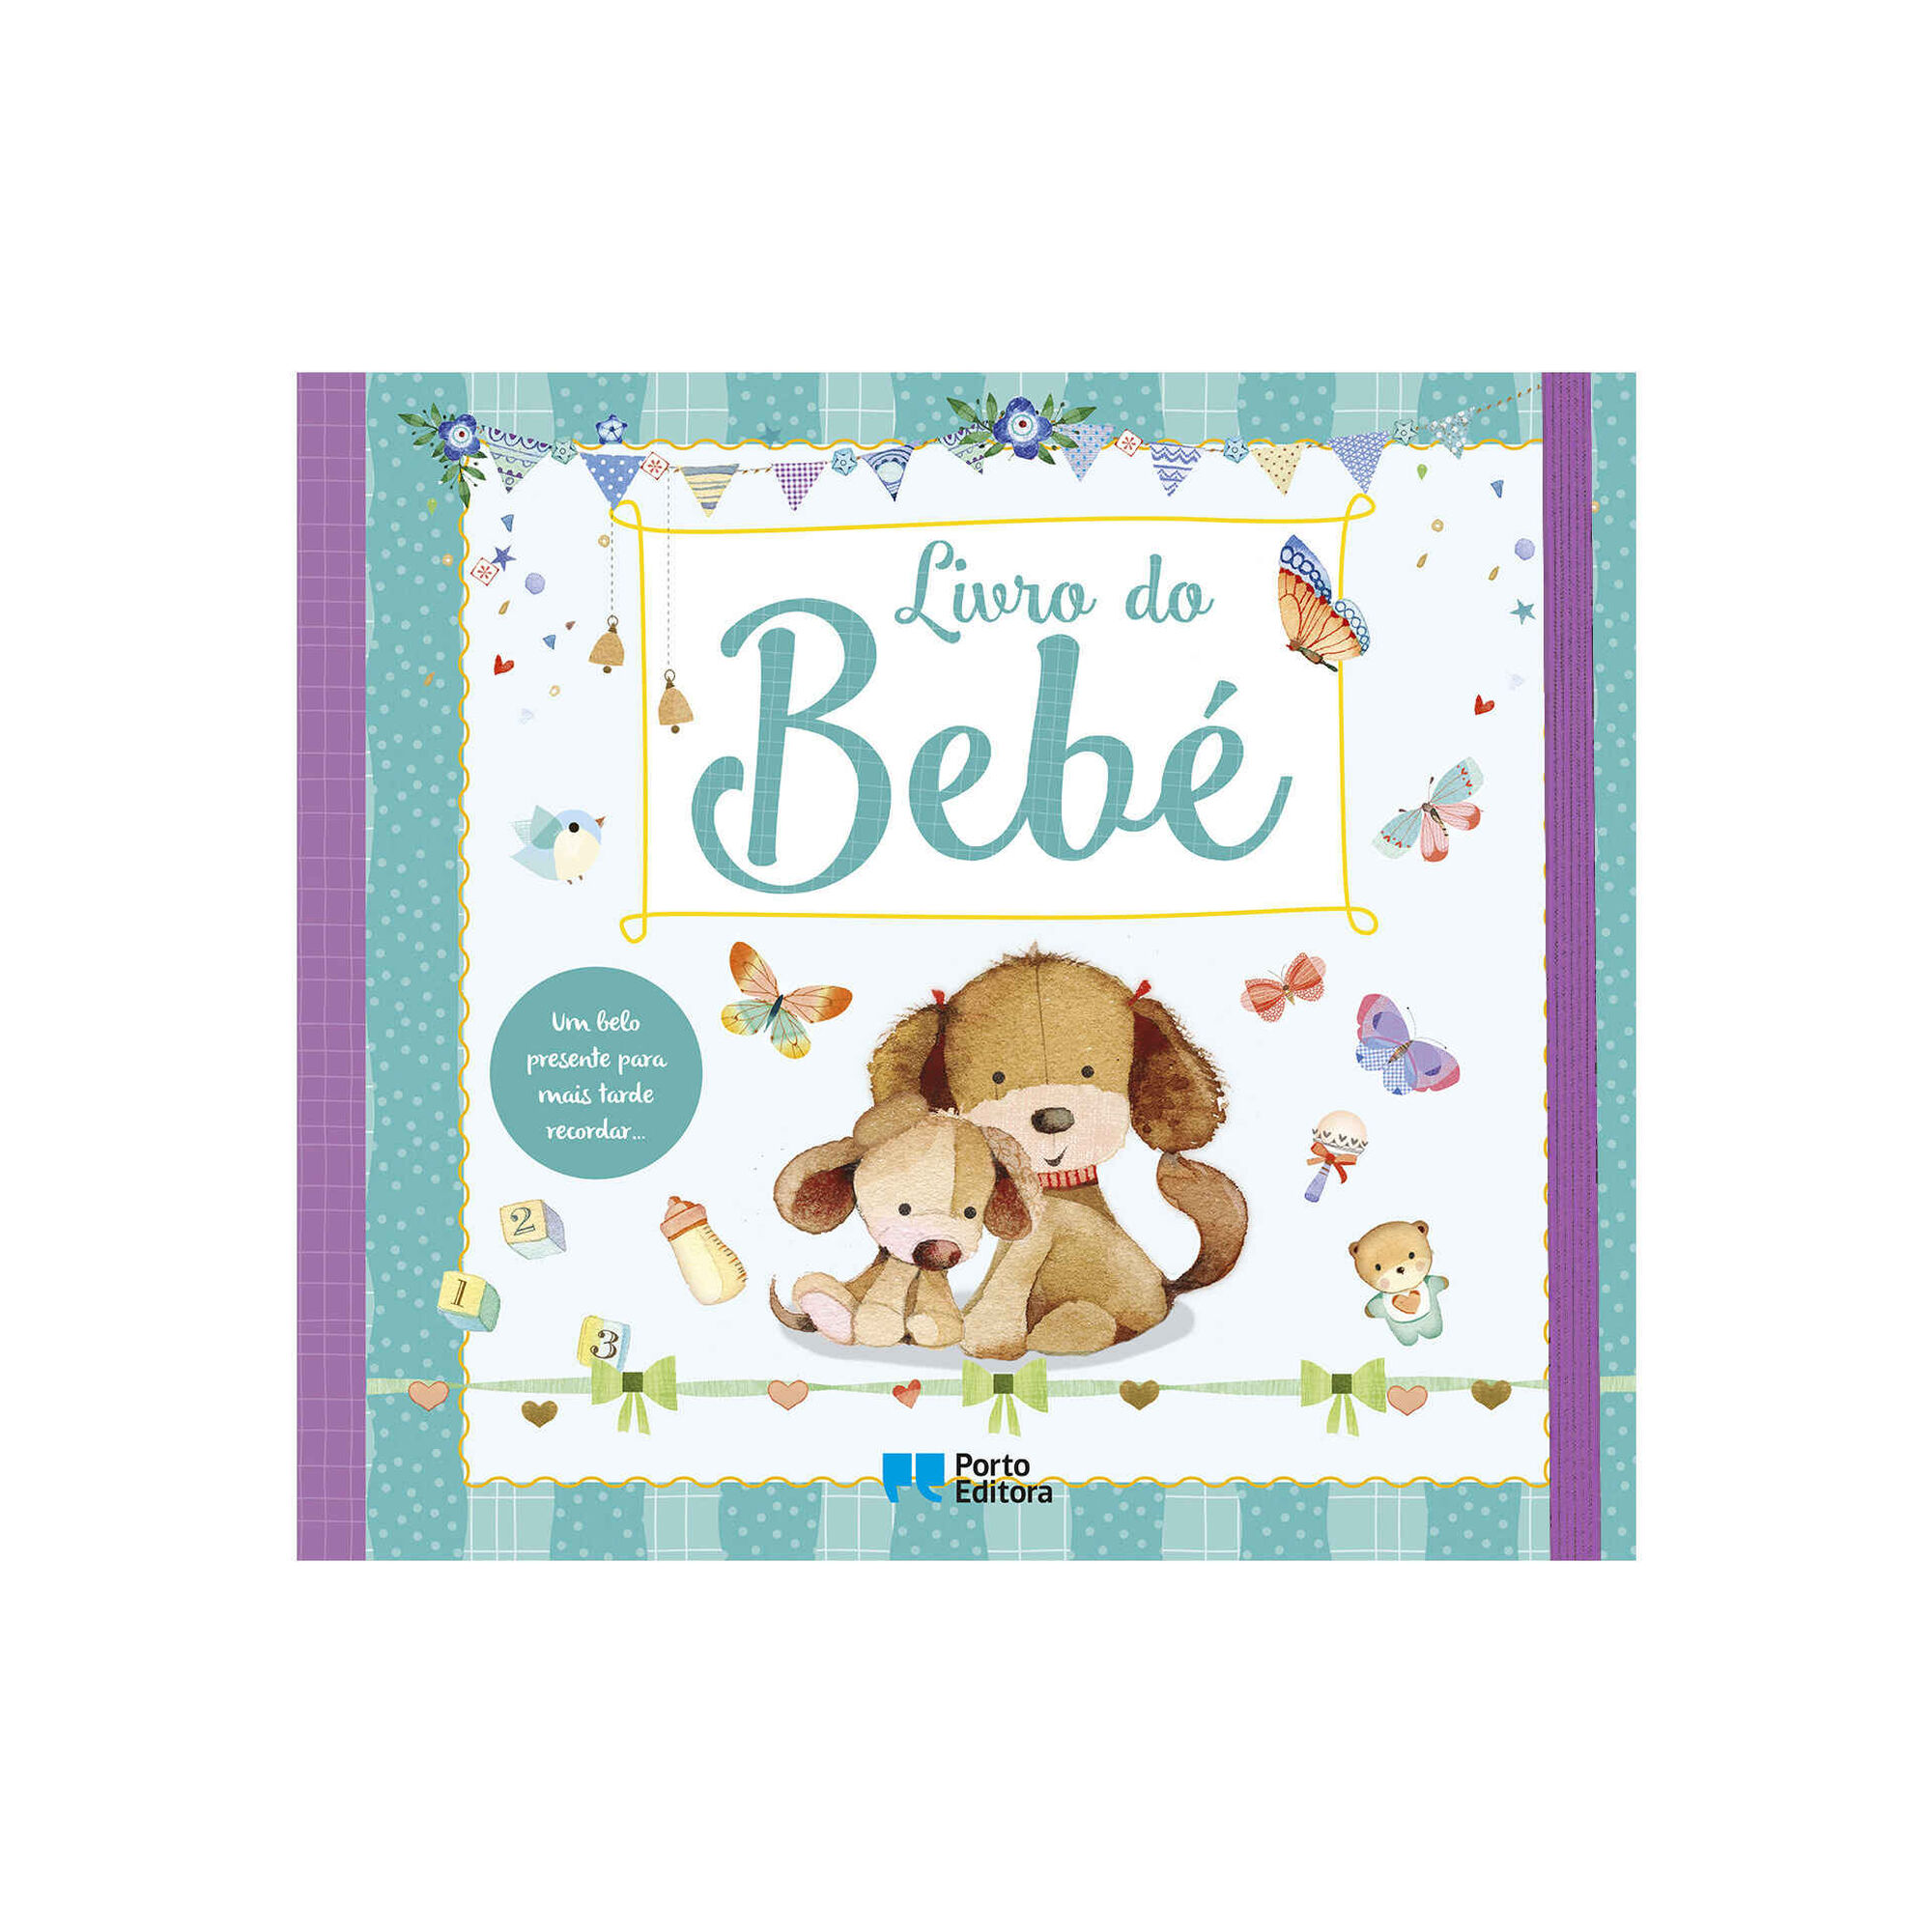 Livro do Bebé